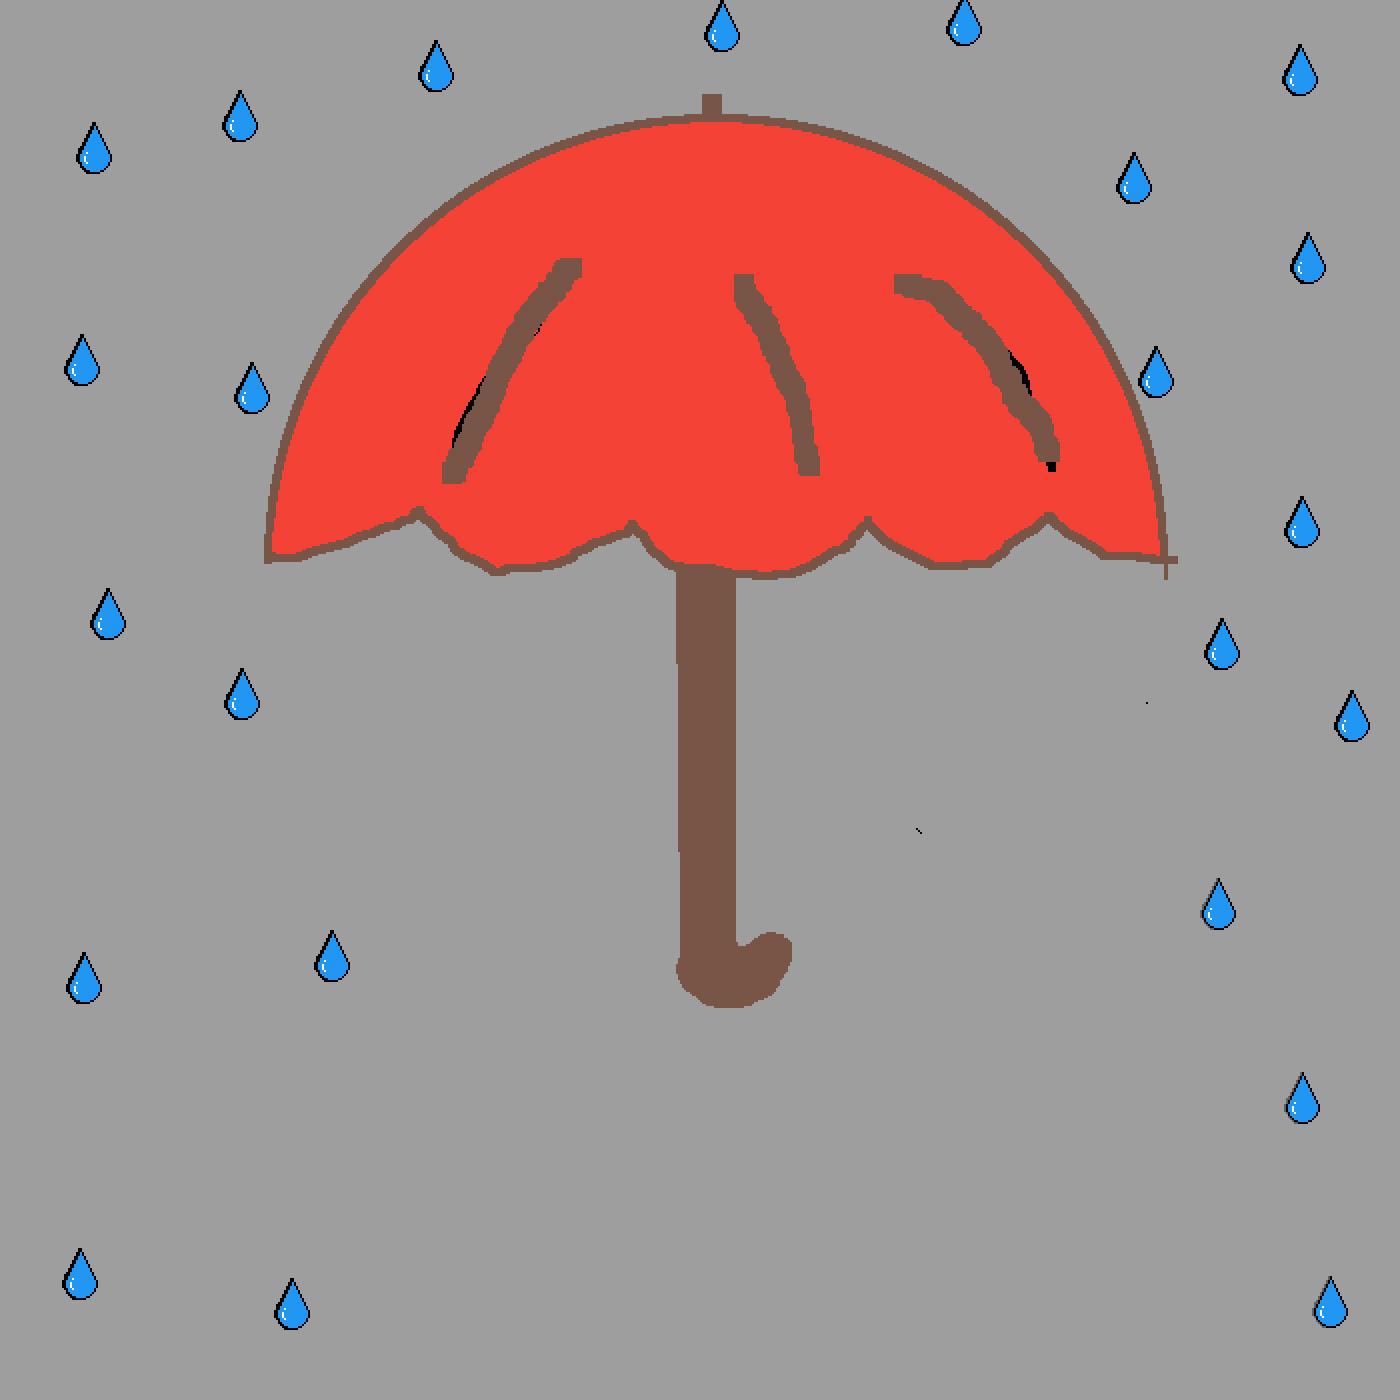 Umbrella by That-random-gal